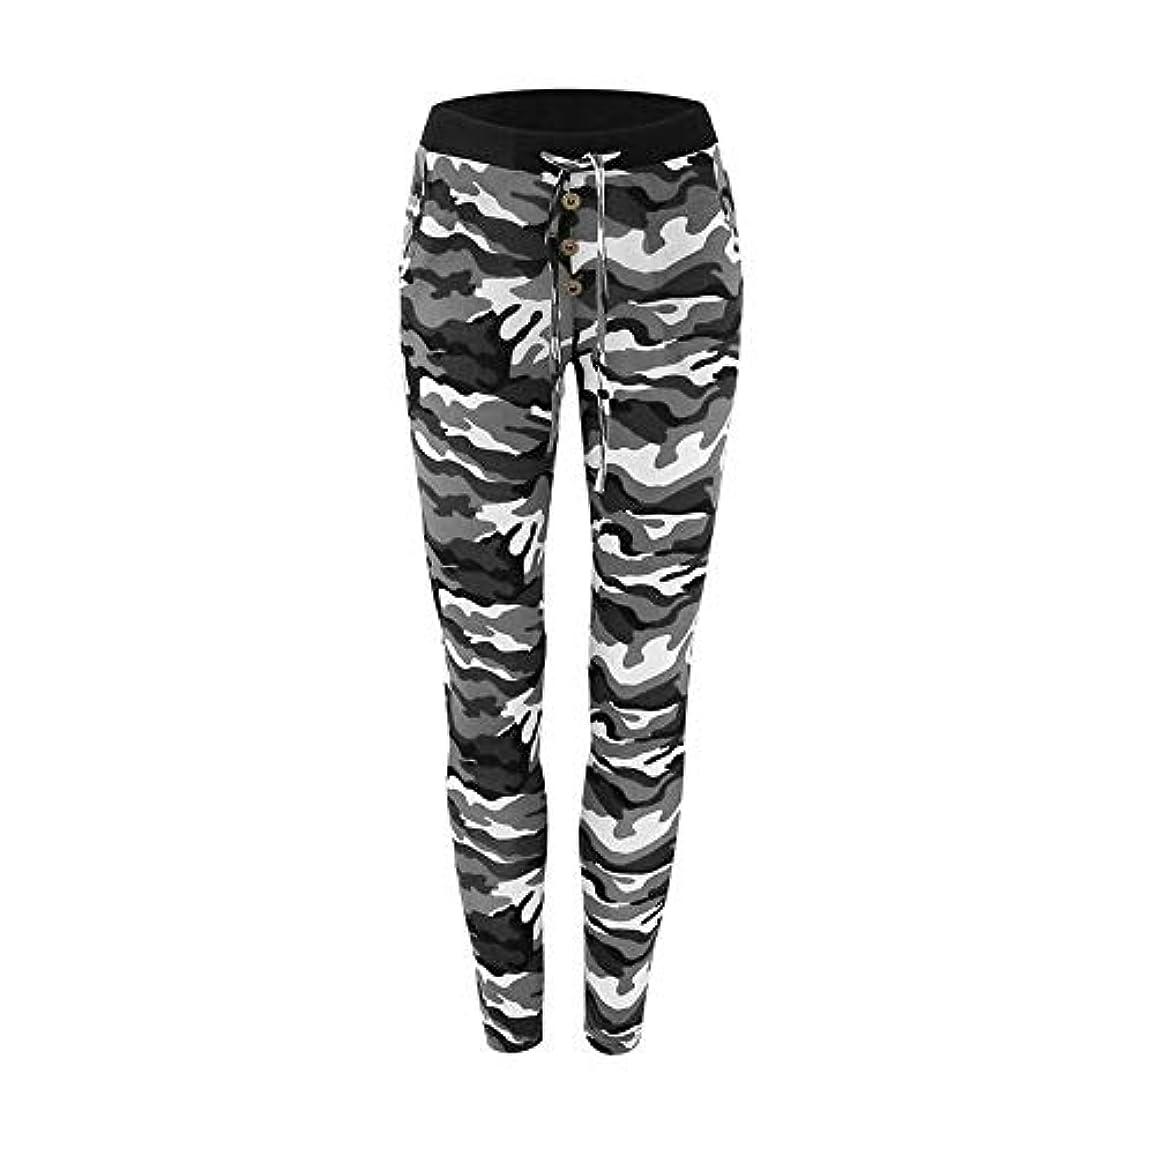 窒息させるペレットふくろうMIFAN 迷彩レギンス、スキニーパンツ、ヨガパンツ、スリムフィット、ズボン、レギンス、迷彩パンツ